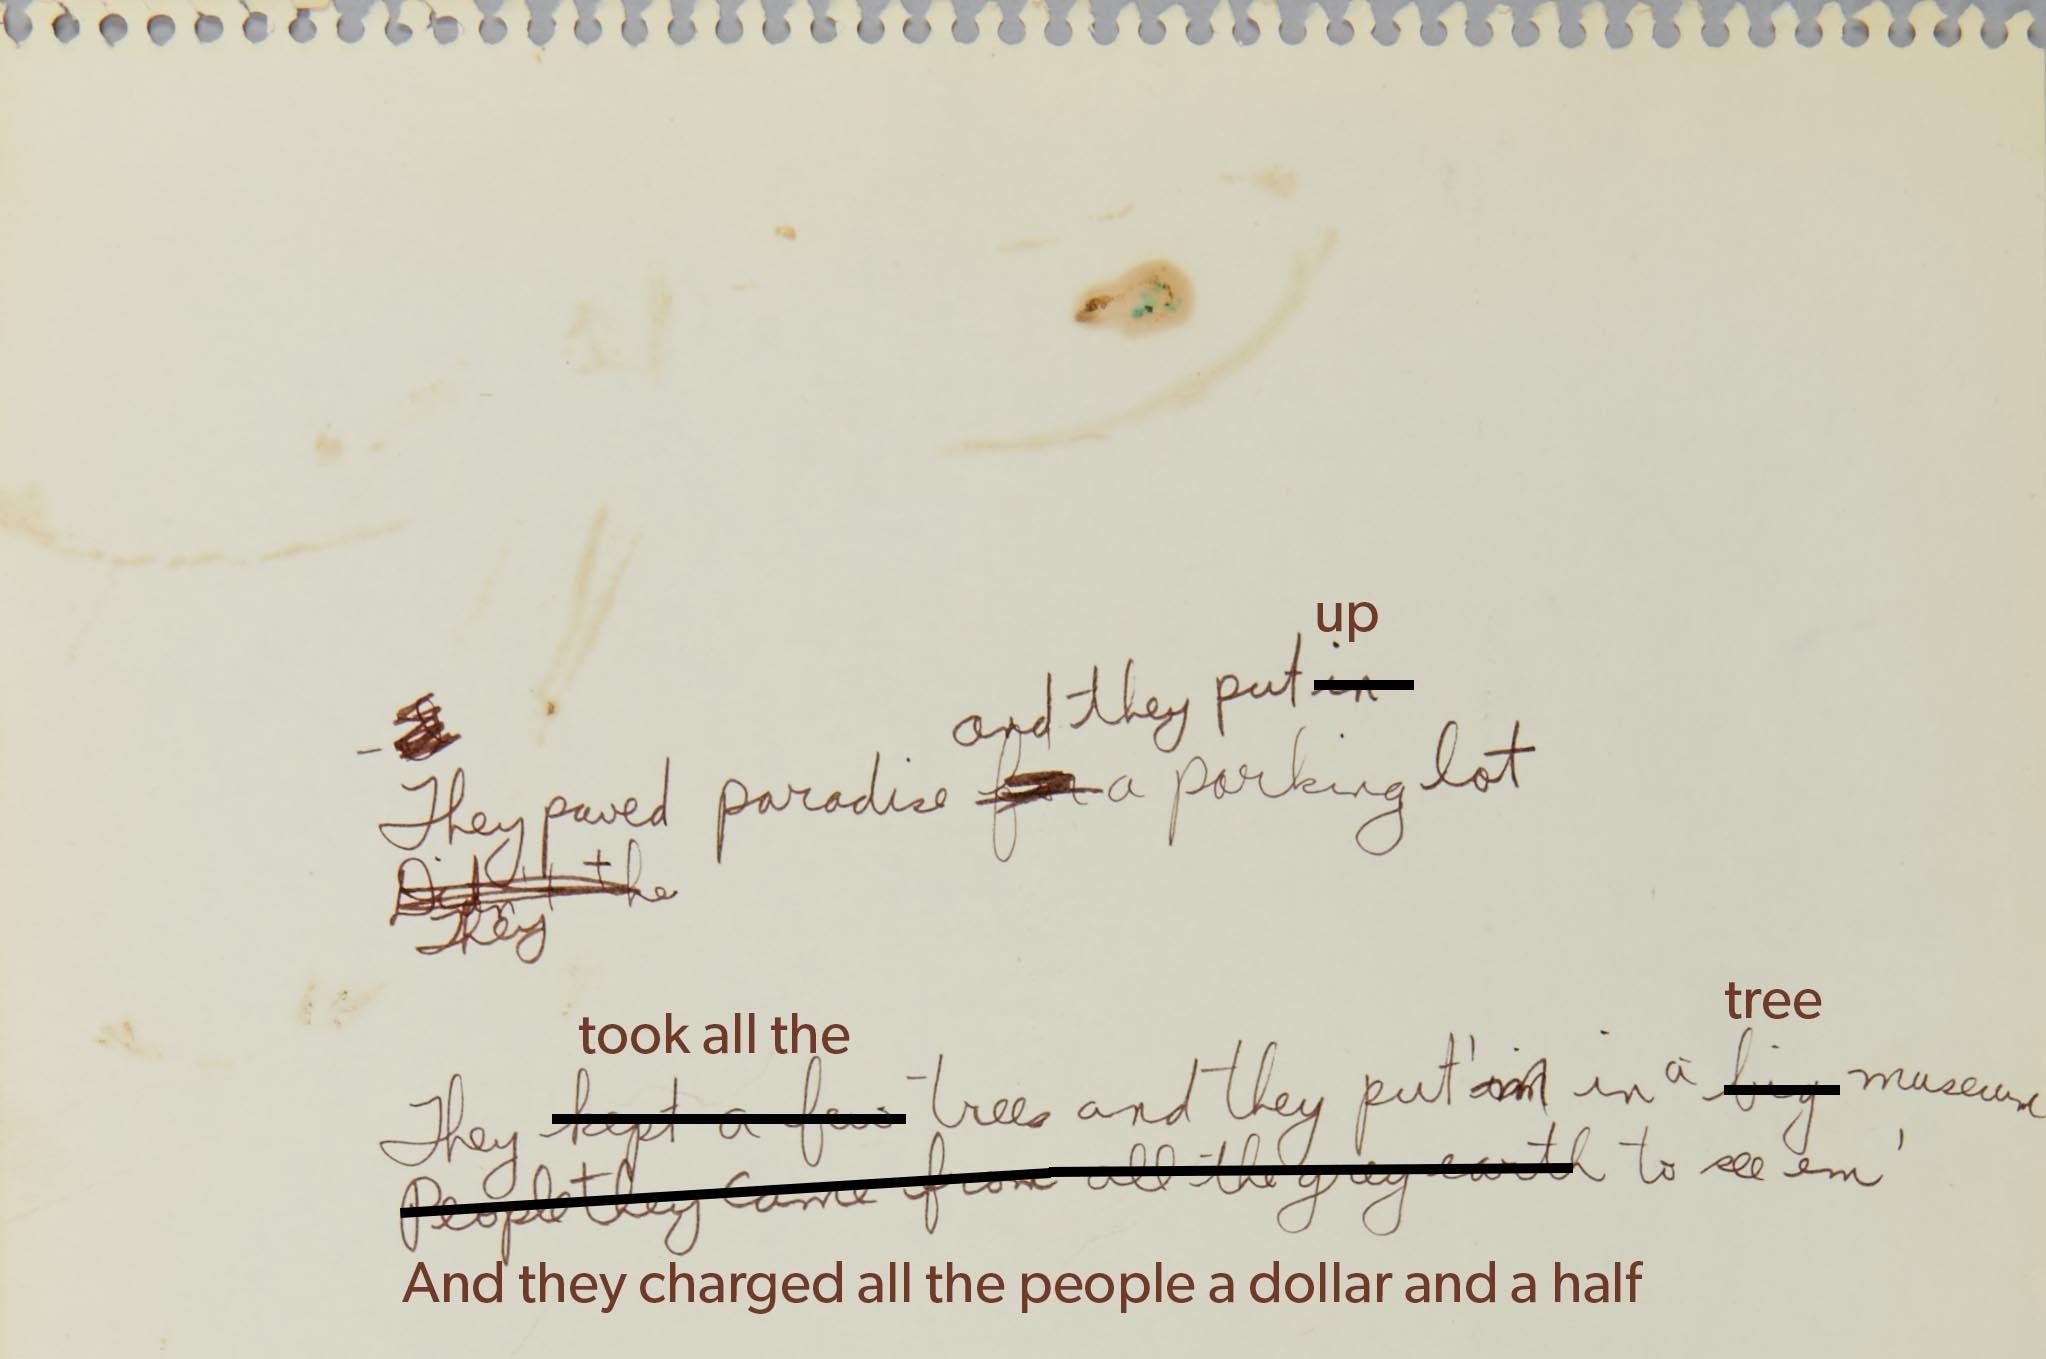 Morceau de papier jauni et légèrement taché déchiré d'un cahier à reliure à anneaux. On y voit des paroles écrites à l'encre brune. Sur la première ligne, il est écrit: «They paved paradise and they put in a parking lot». On peut voir que JoniMitchell avait d'abord écrit «They paved paradise for a parking lot», mais qu'elle a remplacé «for» par la version ci-dessus. Sur la ligne suivante, il est écrit: «They», et la ligne est incomplète. On peut voir qu'elle avait d'abord écrit «Didn't the», mais qu'elle a biffé ces paroles. Sur la dernière ligne, on lit «They kept a few trees and they put'm in a big museum / People they came from all the grey earth to see em» alors que «put'm» a remplacé «put'im».